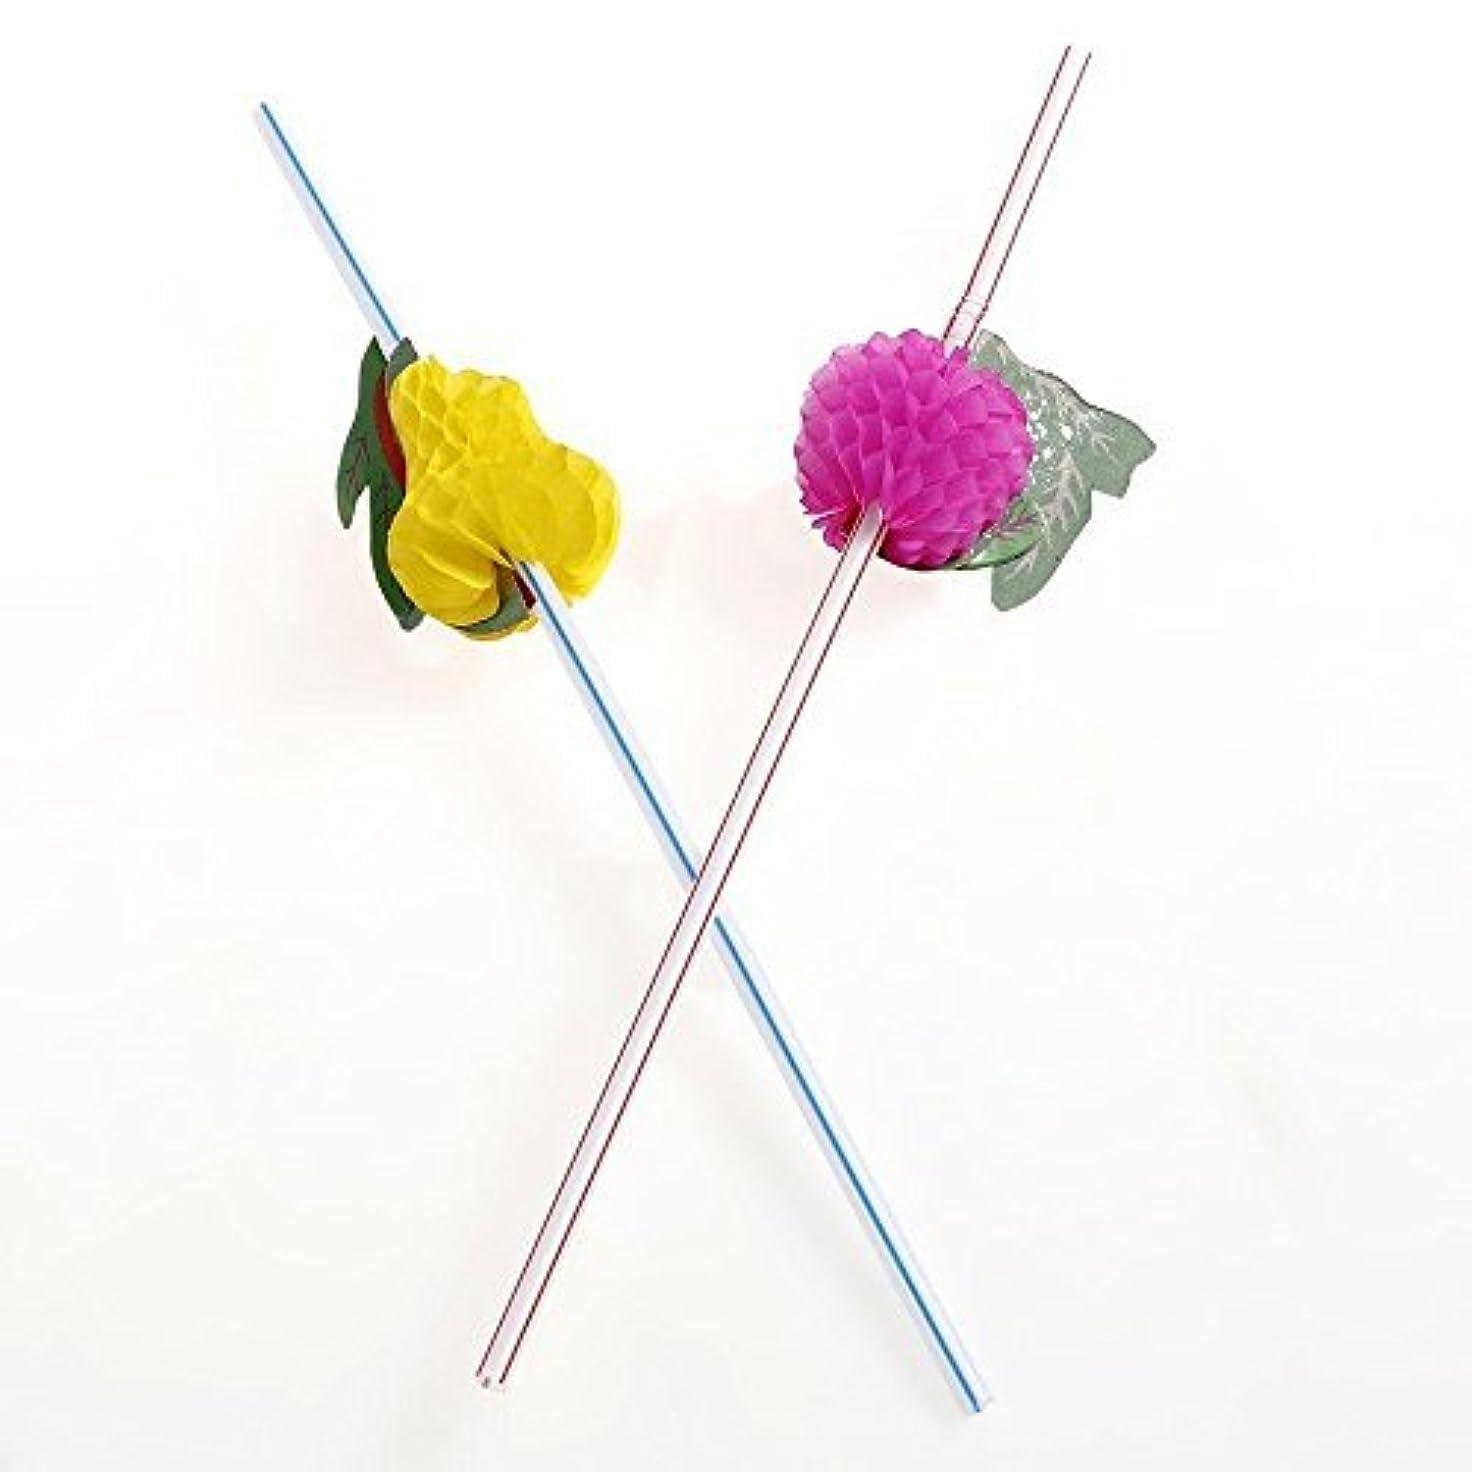 ペン同行穏やかな誕生日パーティーのための各種ストローの果実